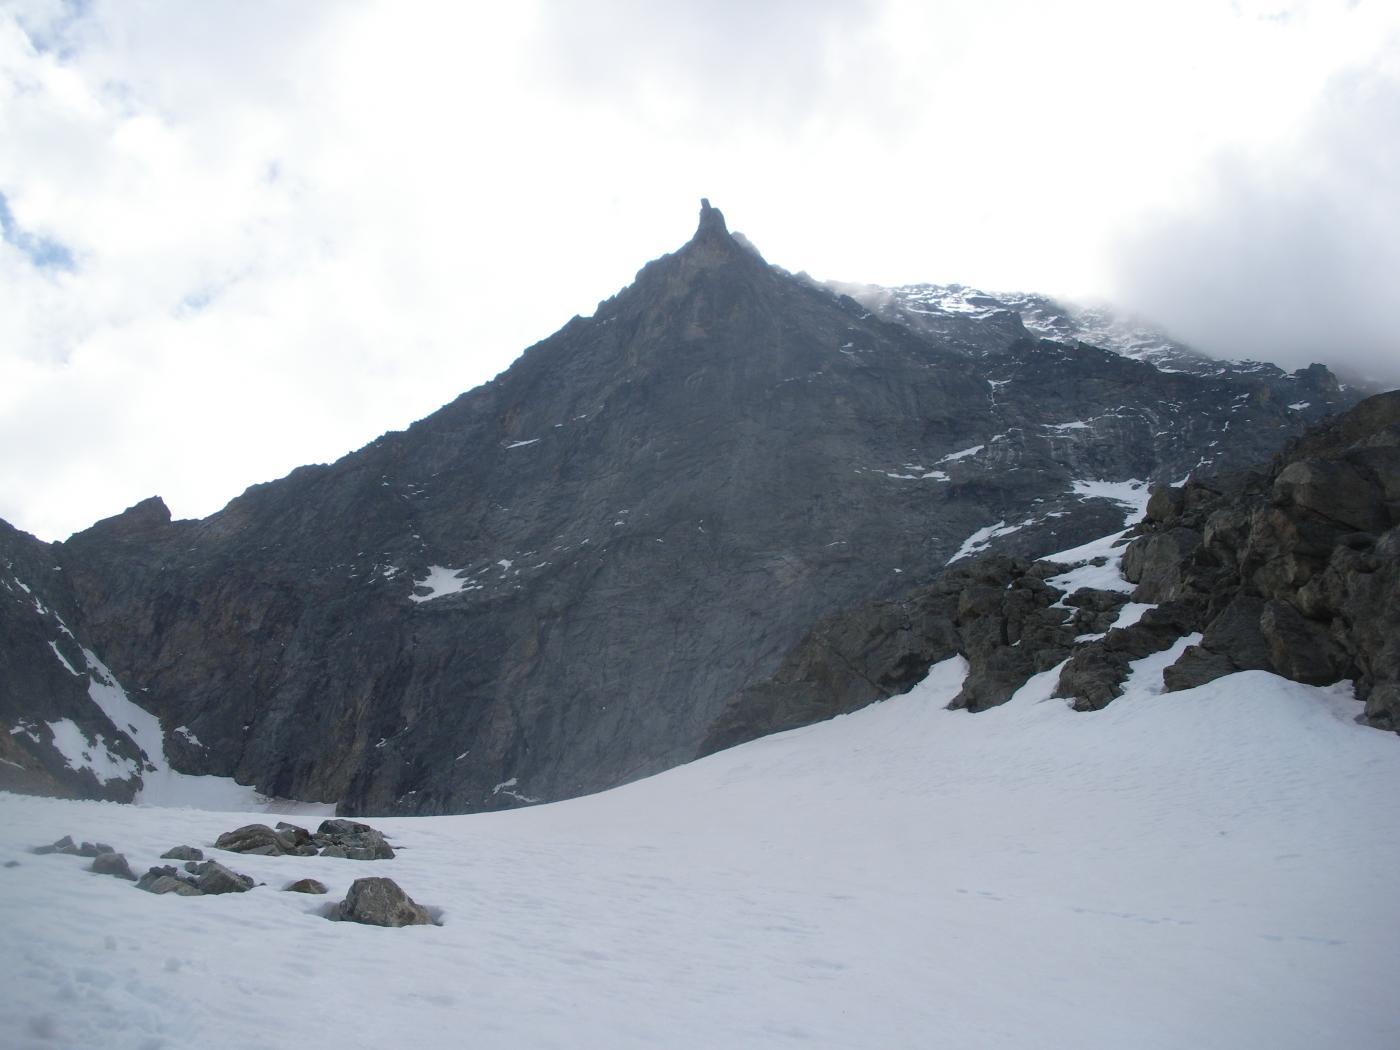 il triangolo nero dell'Emilius dall'Alto vallone d'Arpisson..